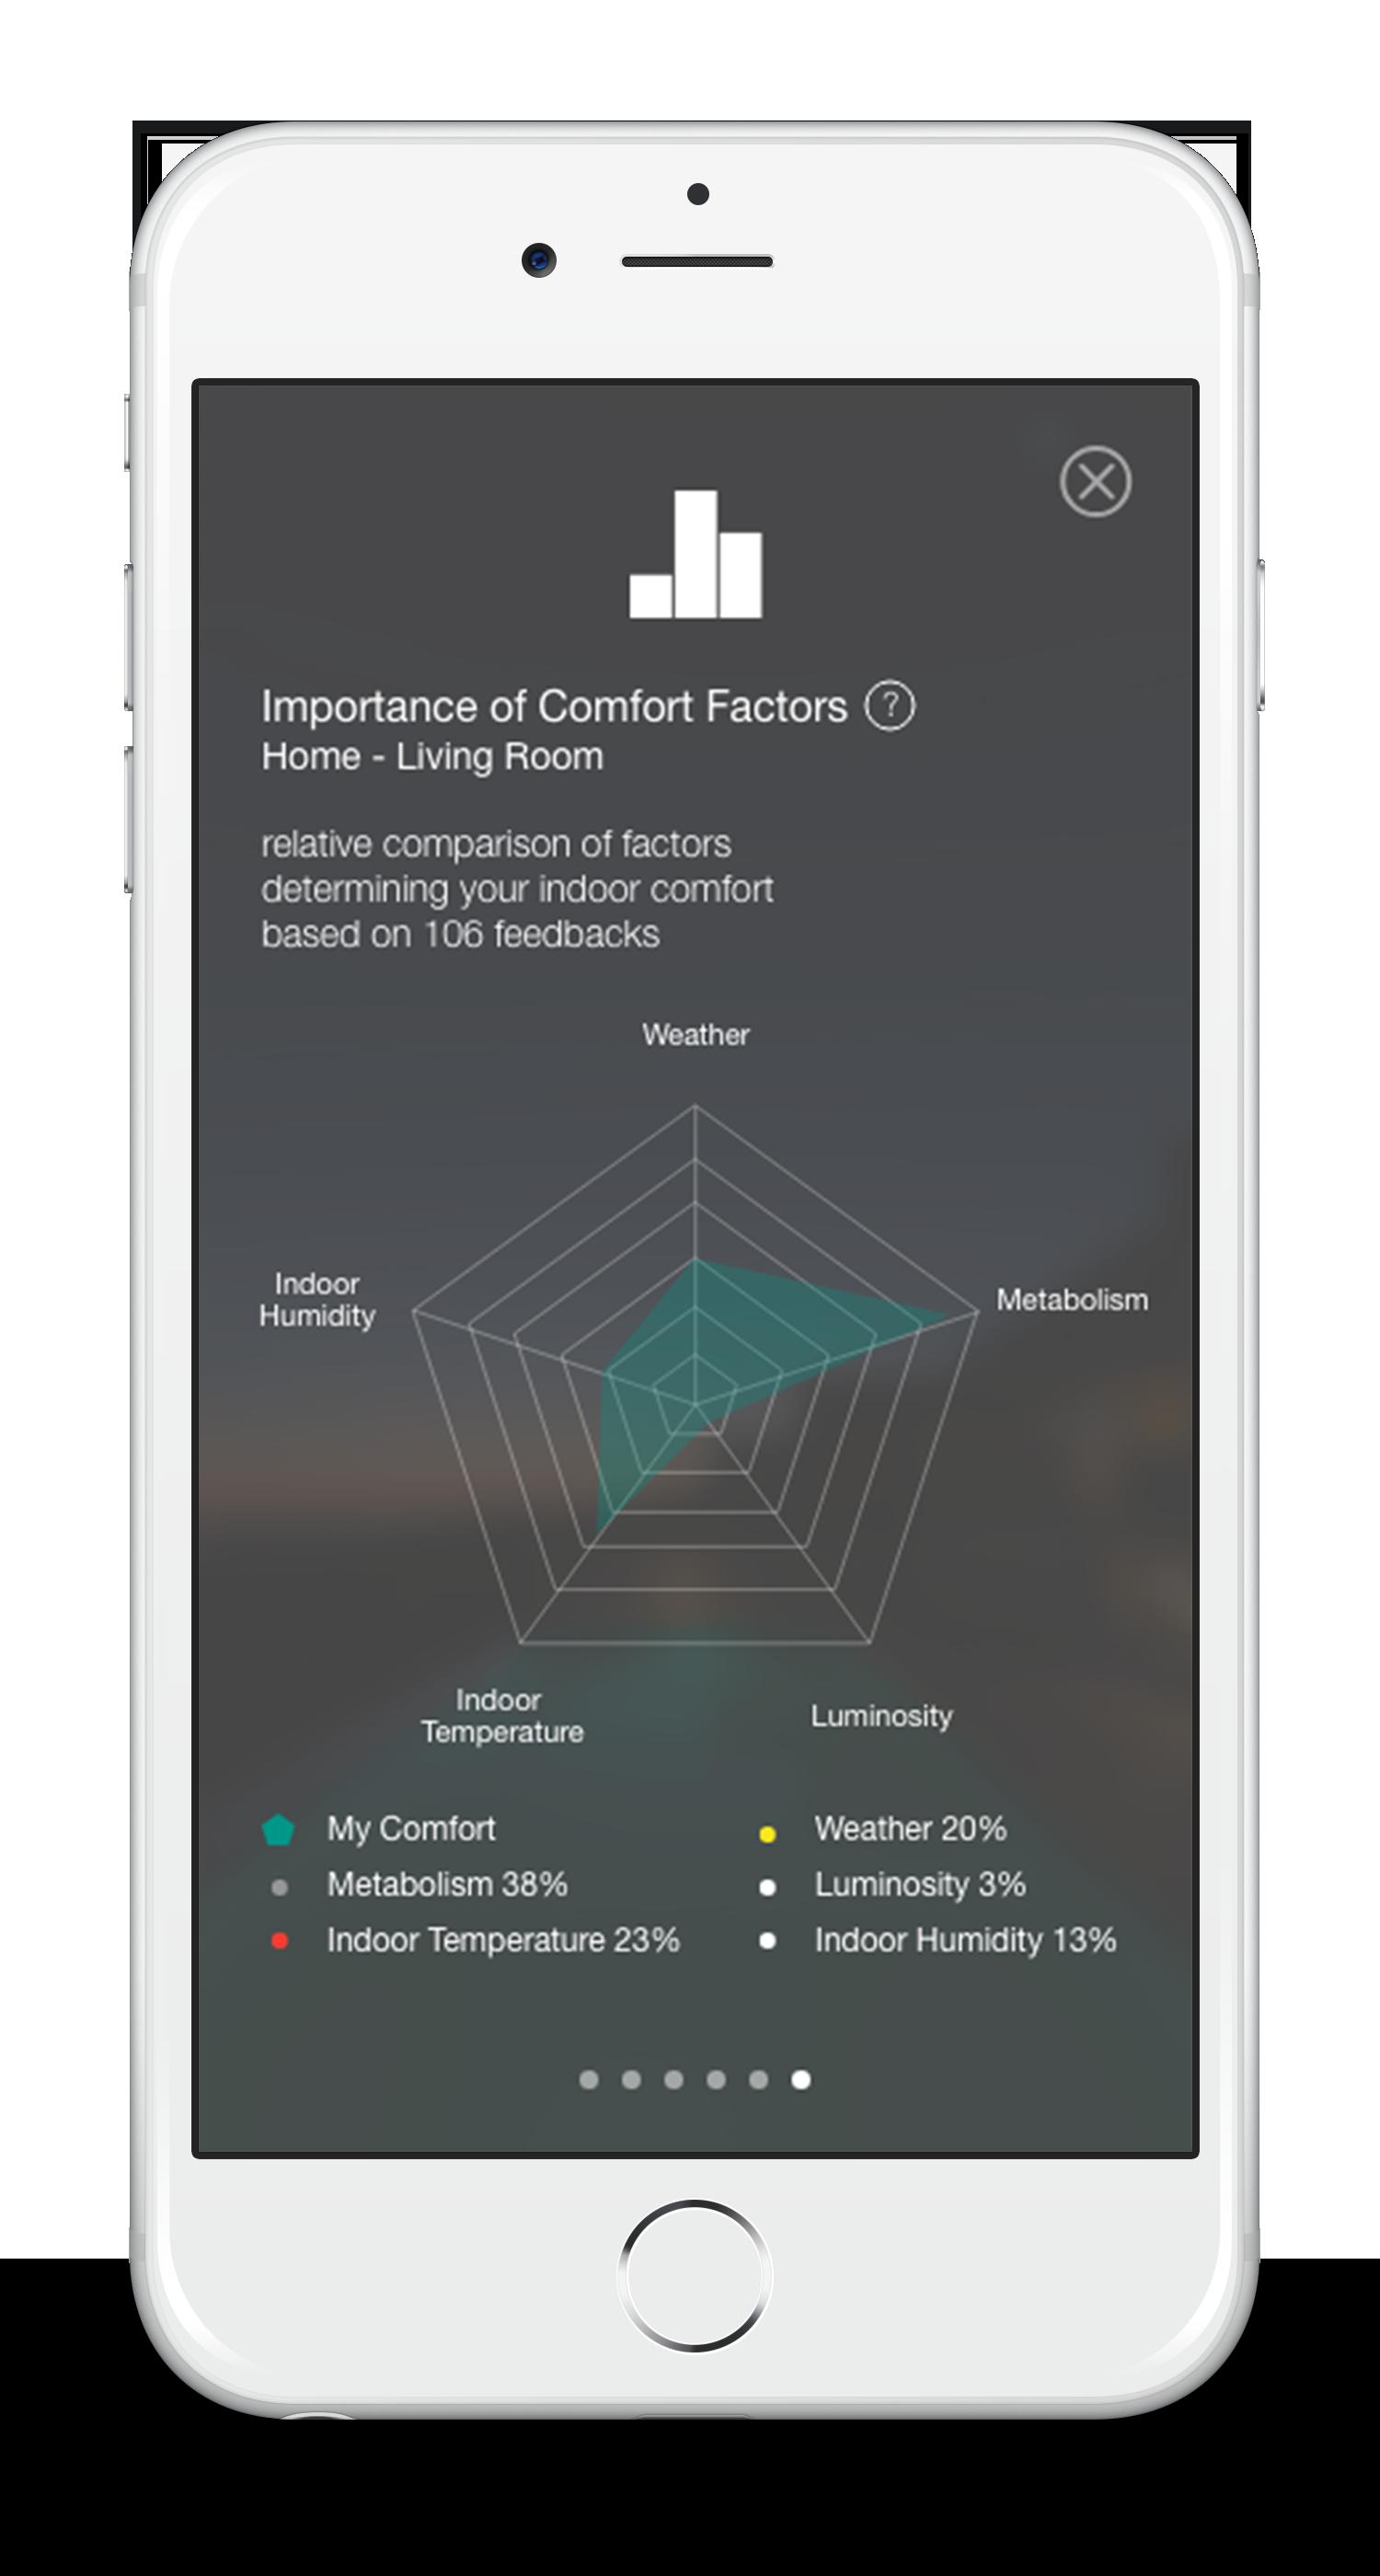 Insights-ComfortFactors-EN